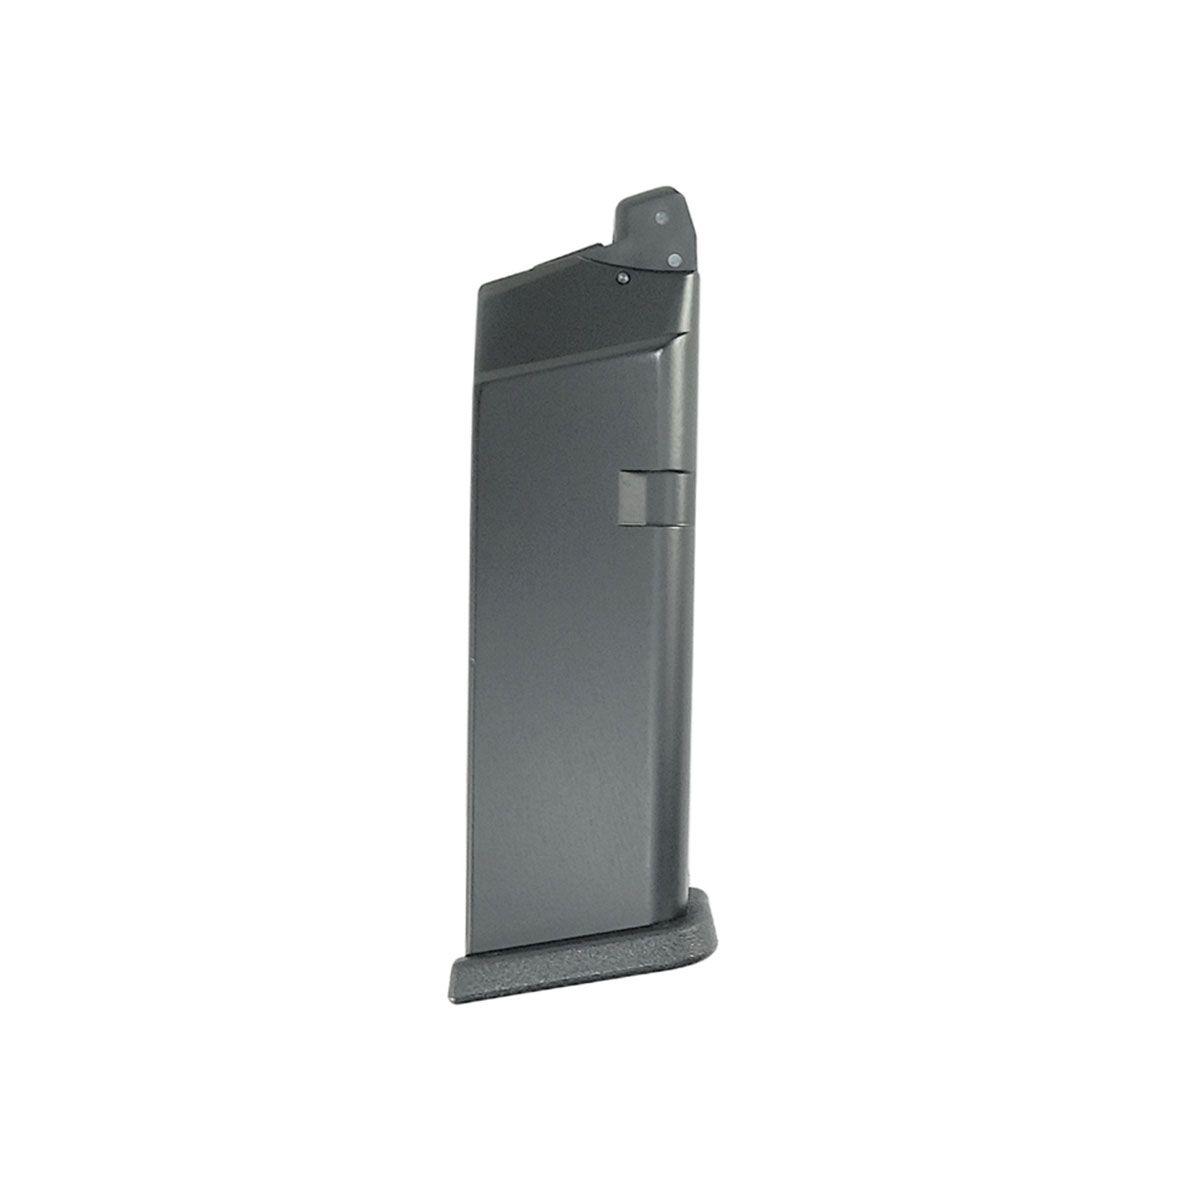 Carregador para WE G19/23 Green Gas 19 BBs 6mm